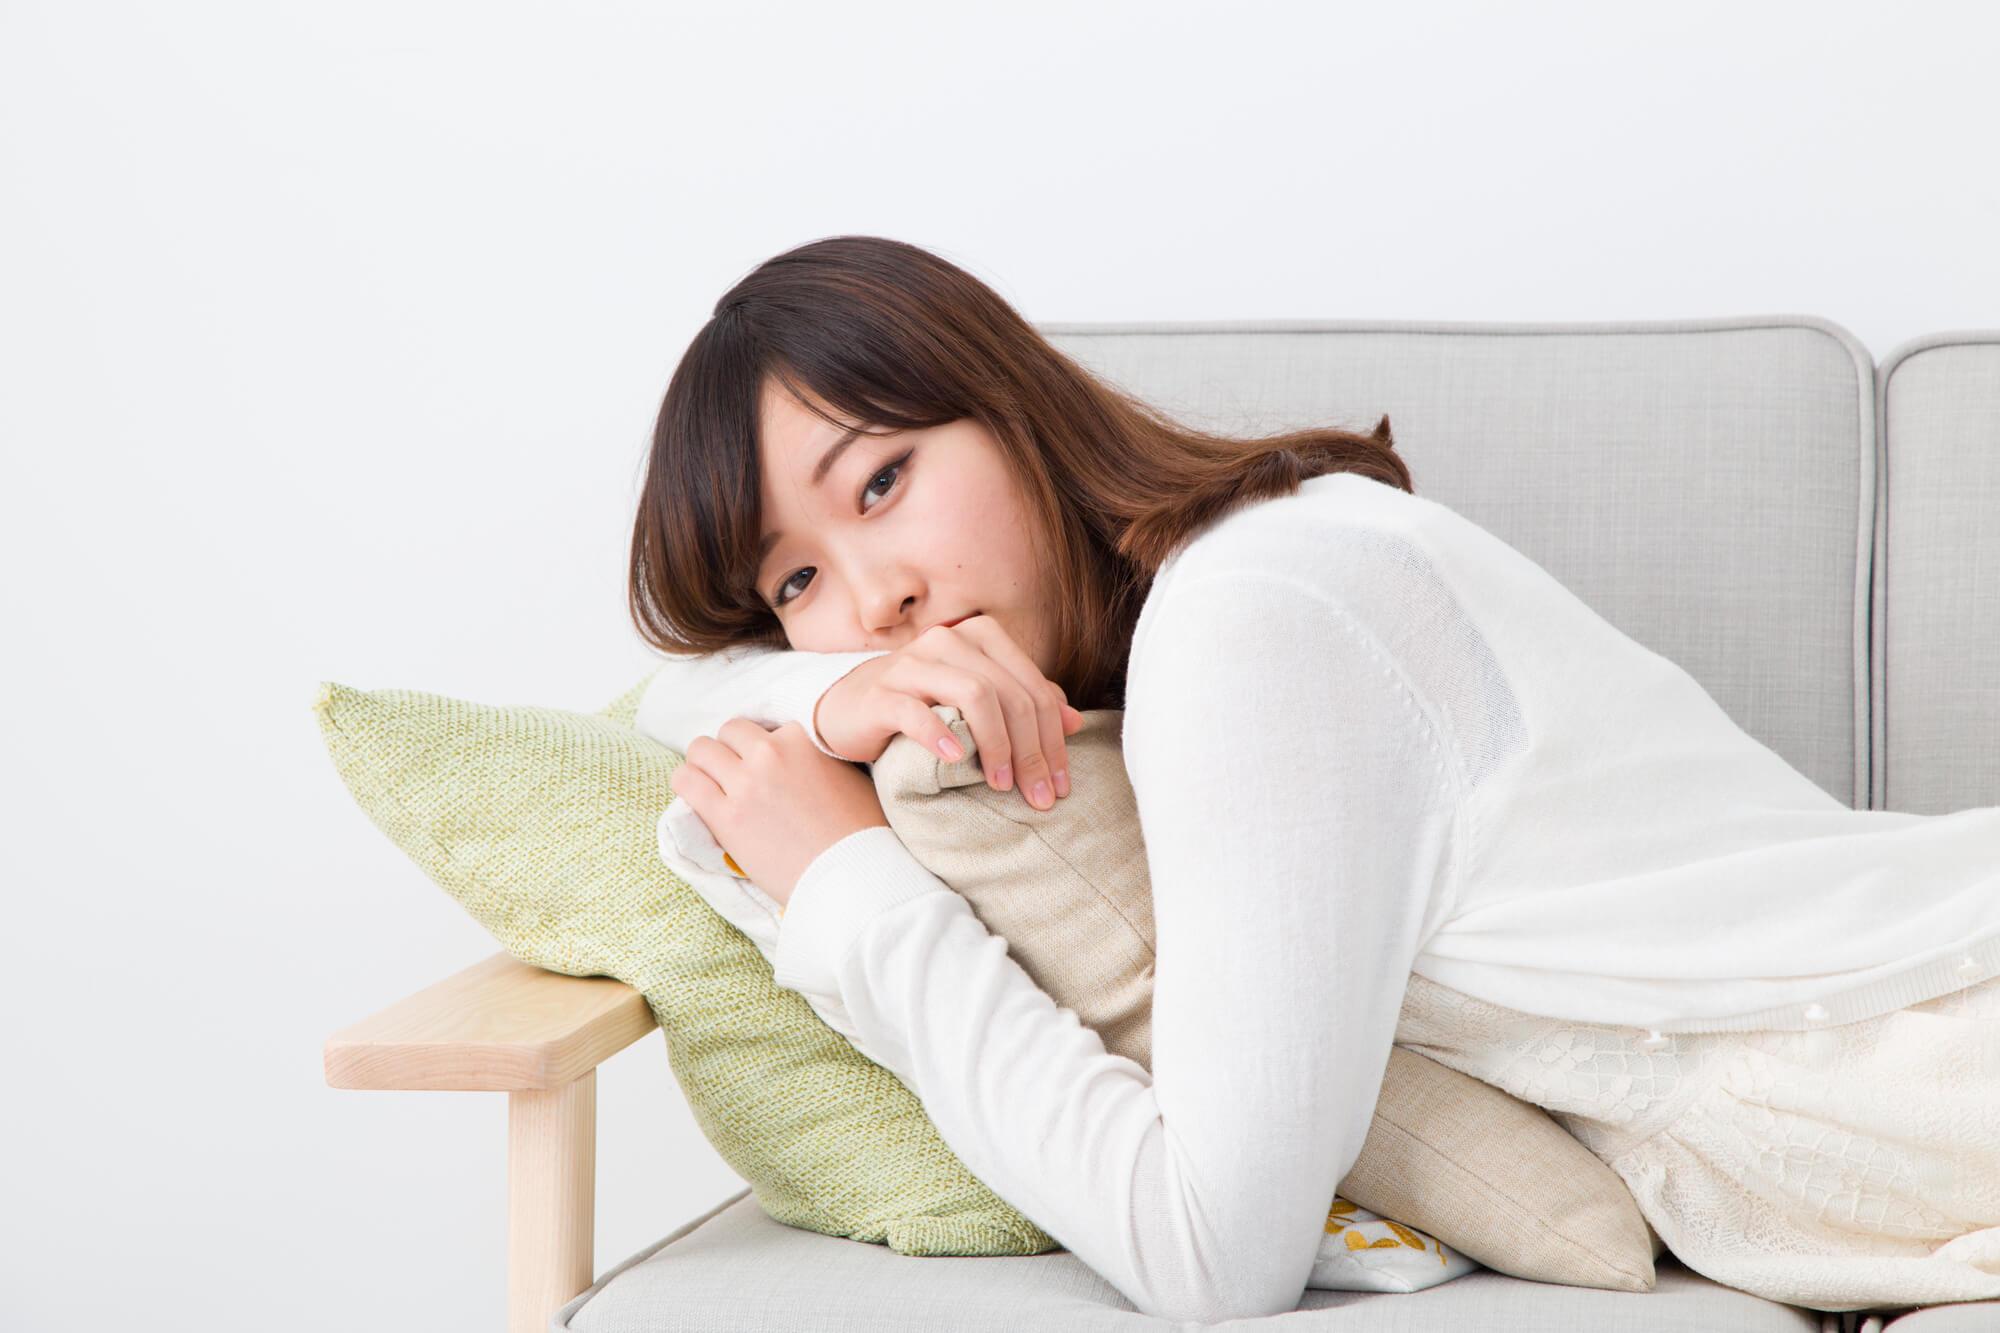 生理痛の辛さを伝える女性